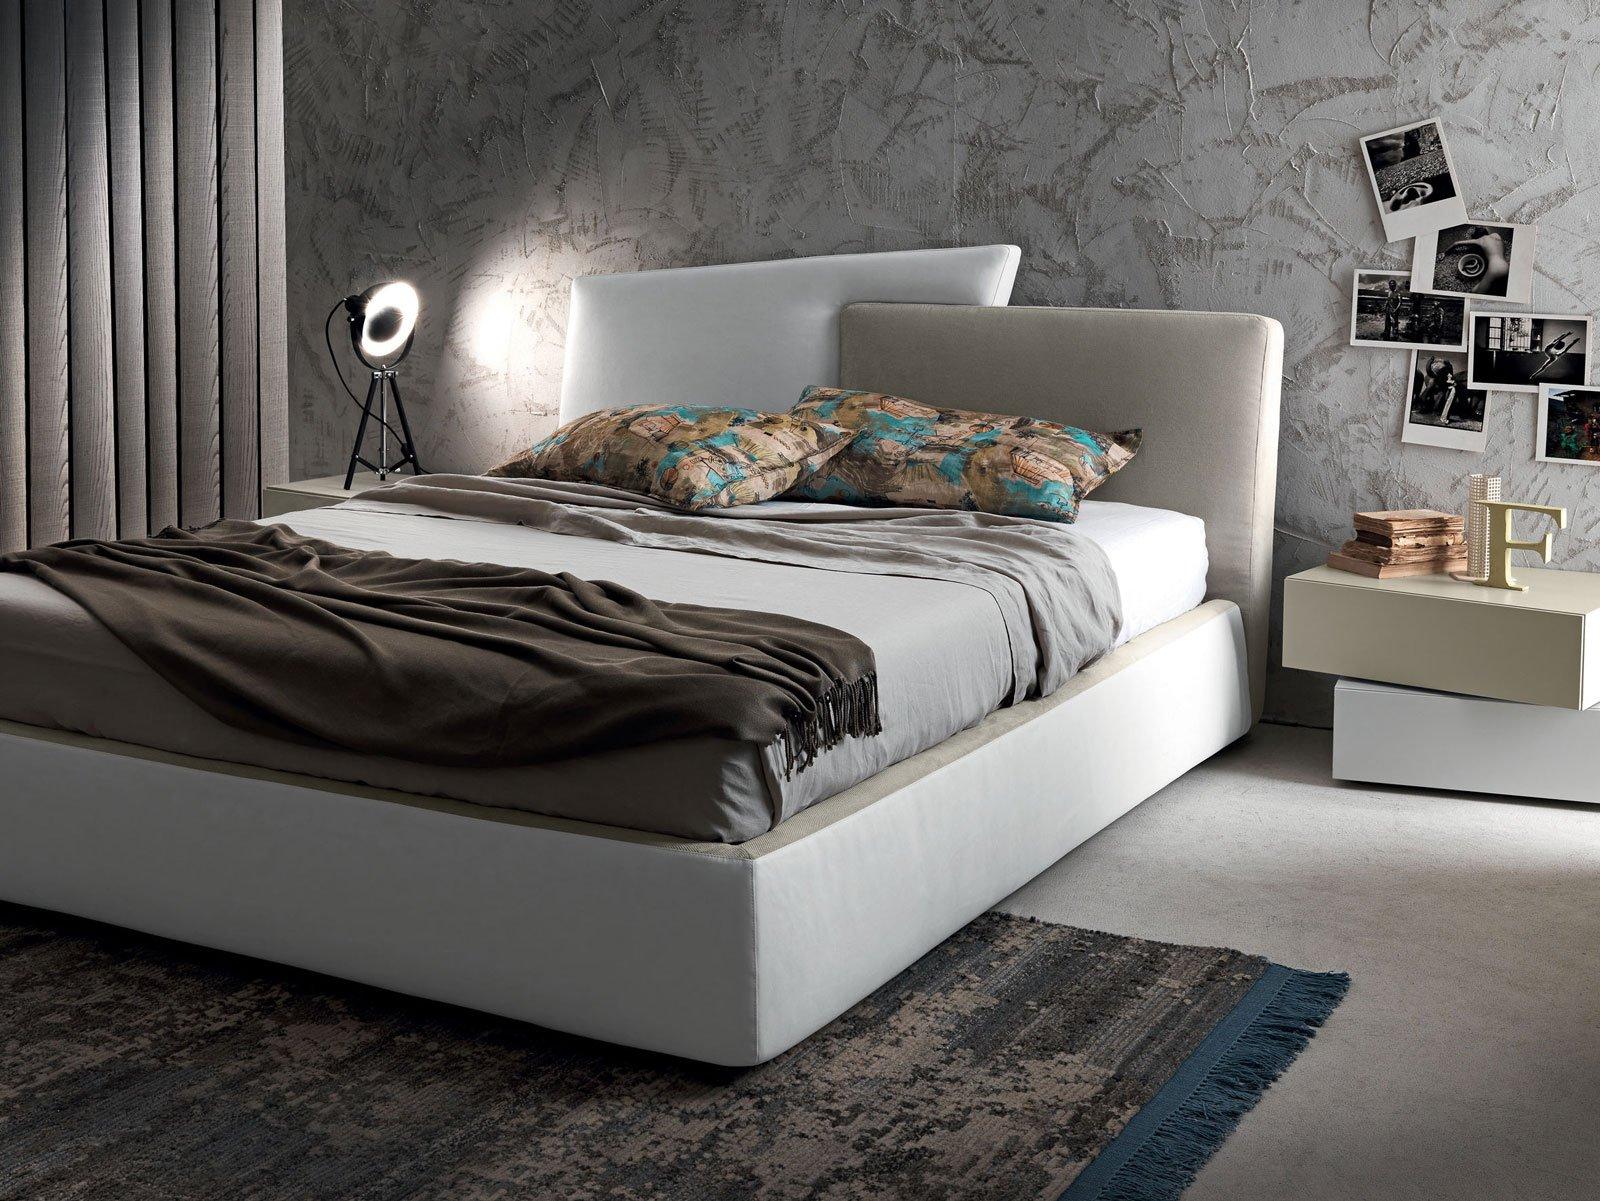 Letti tessili a parete e anche a centro stanza cose di casa - Camere da letto originali ...